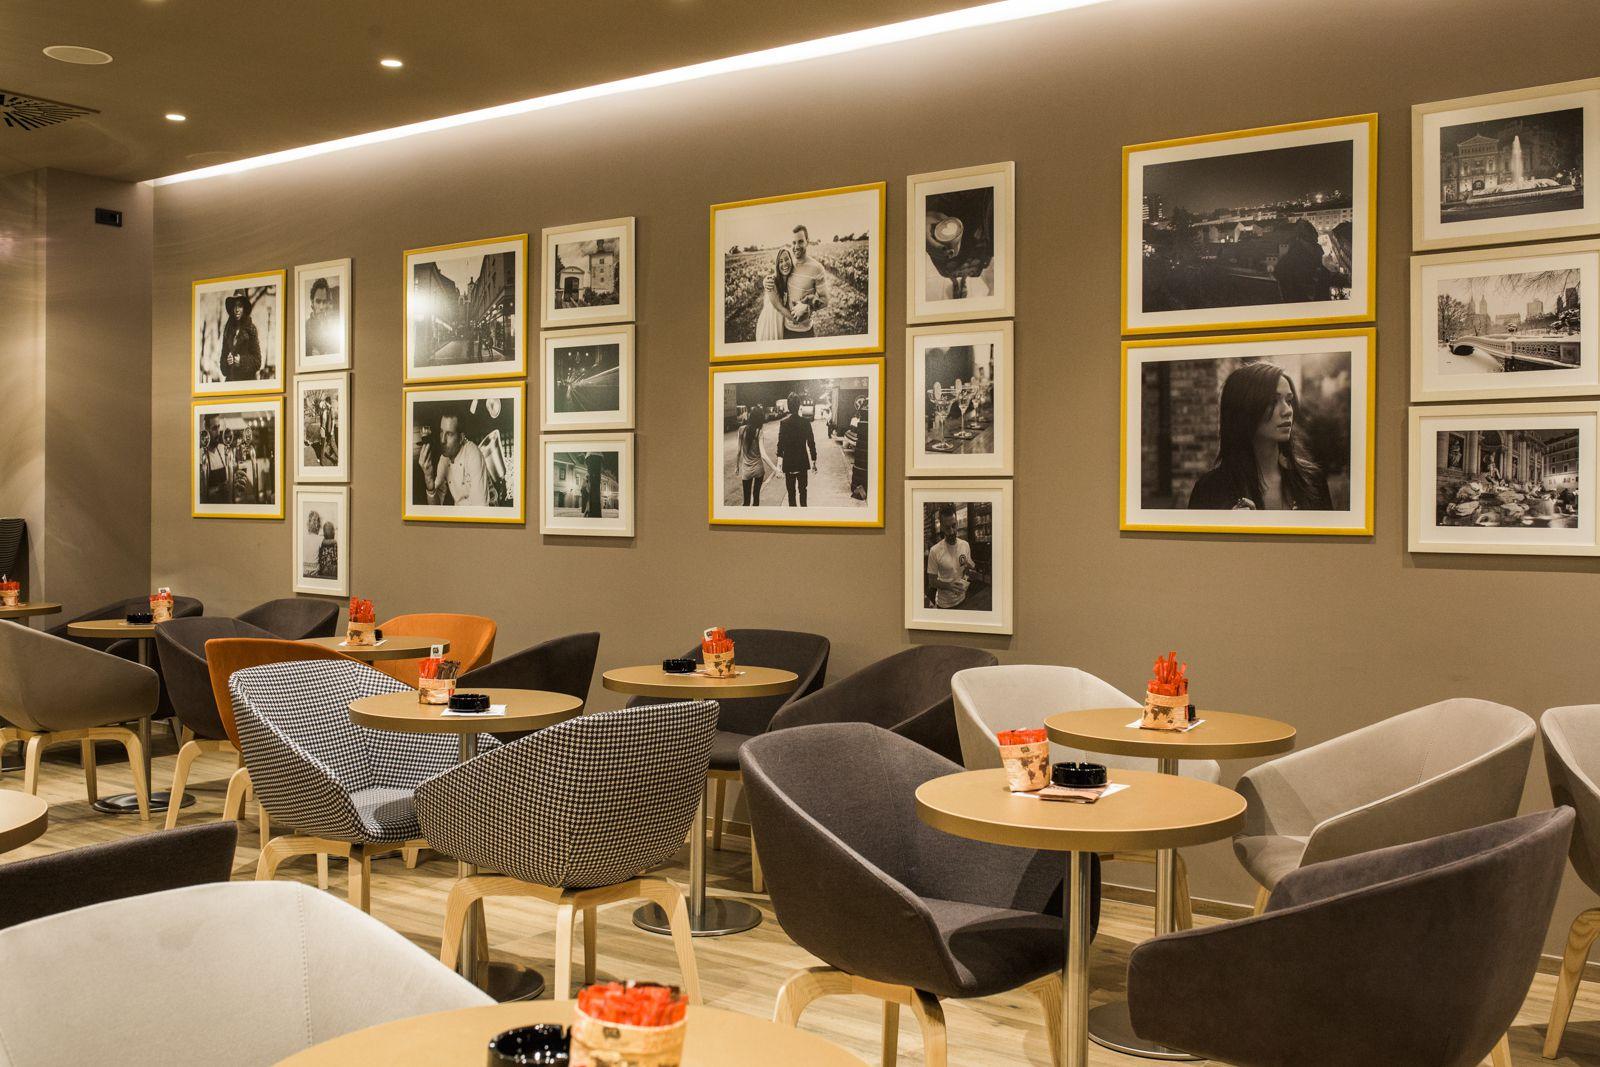 Šarmantni Linea Caffe bar od sada na još jednoj lokaciji